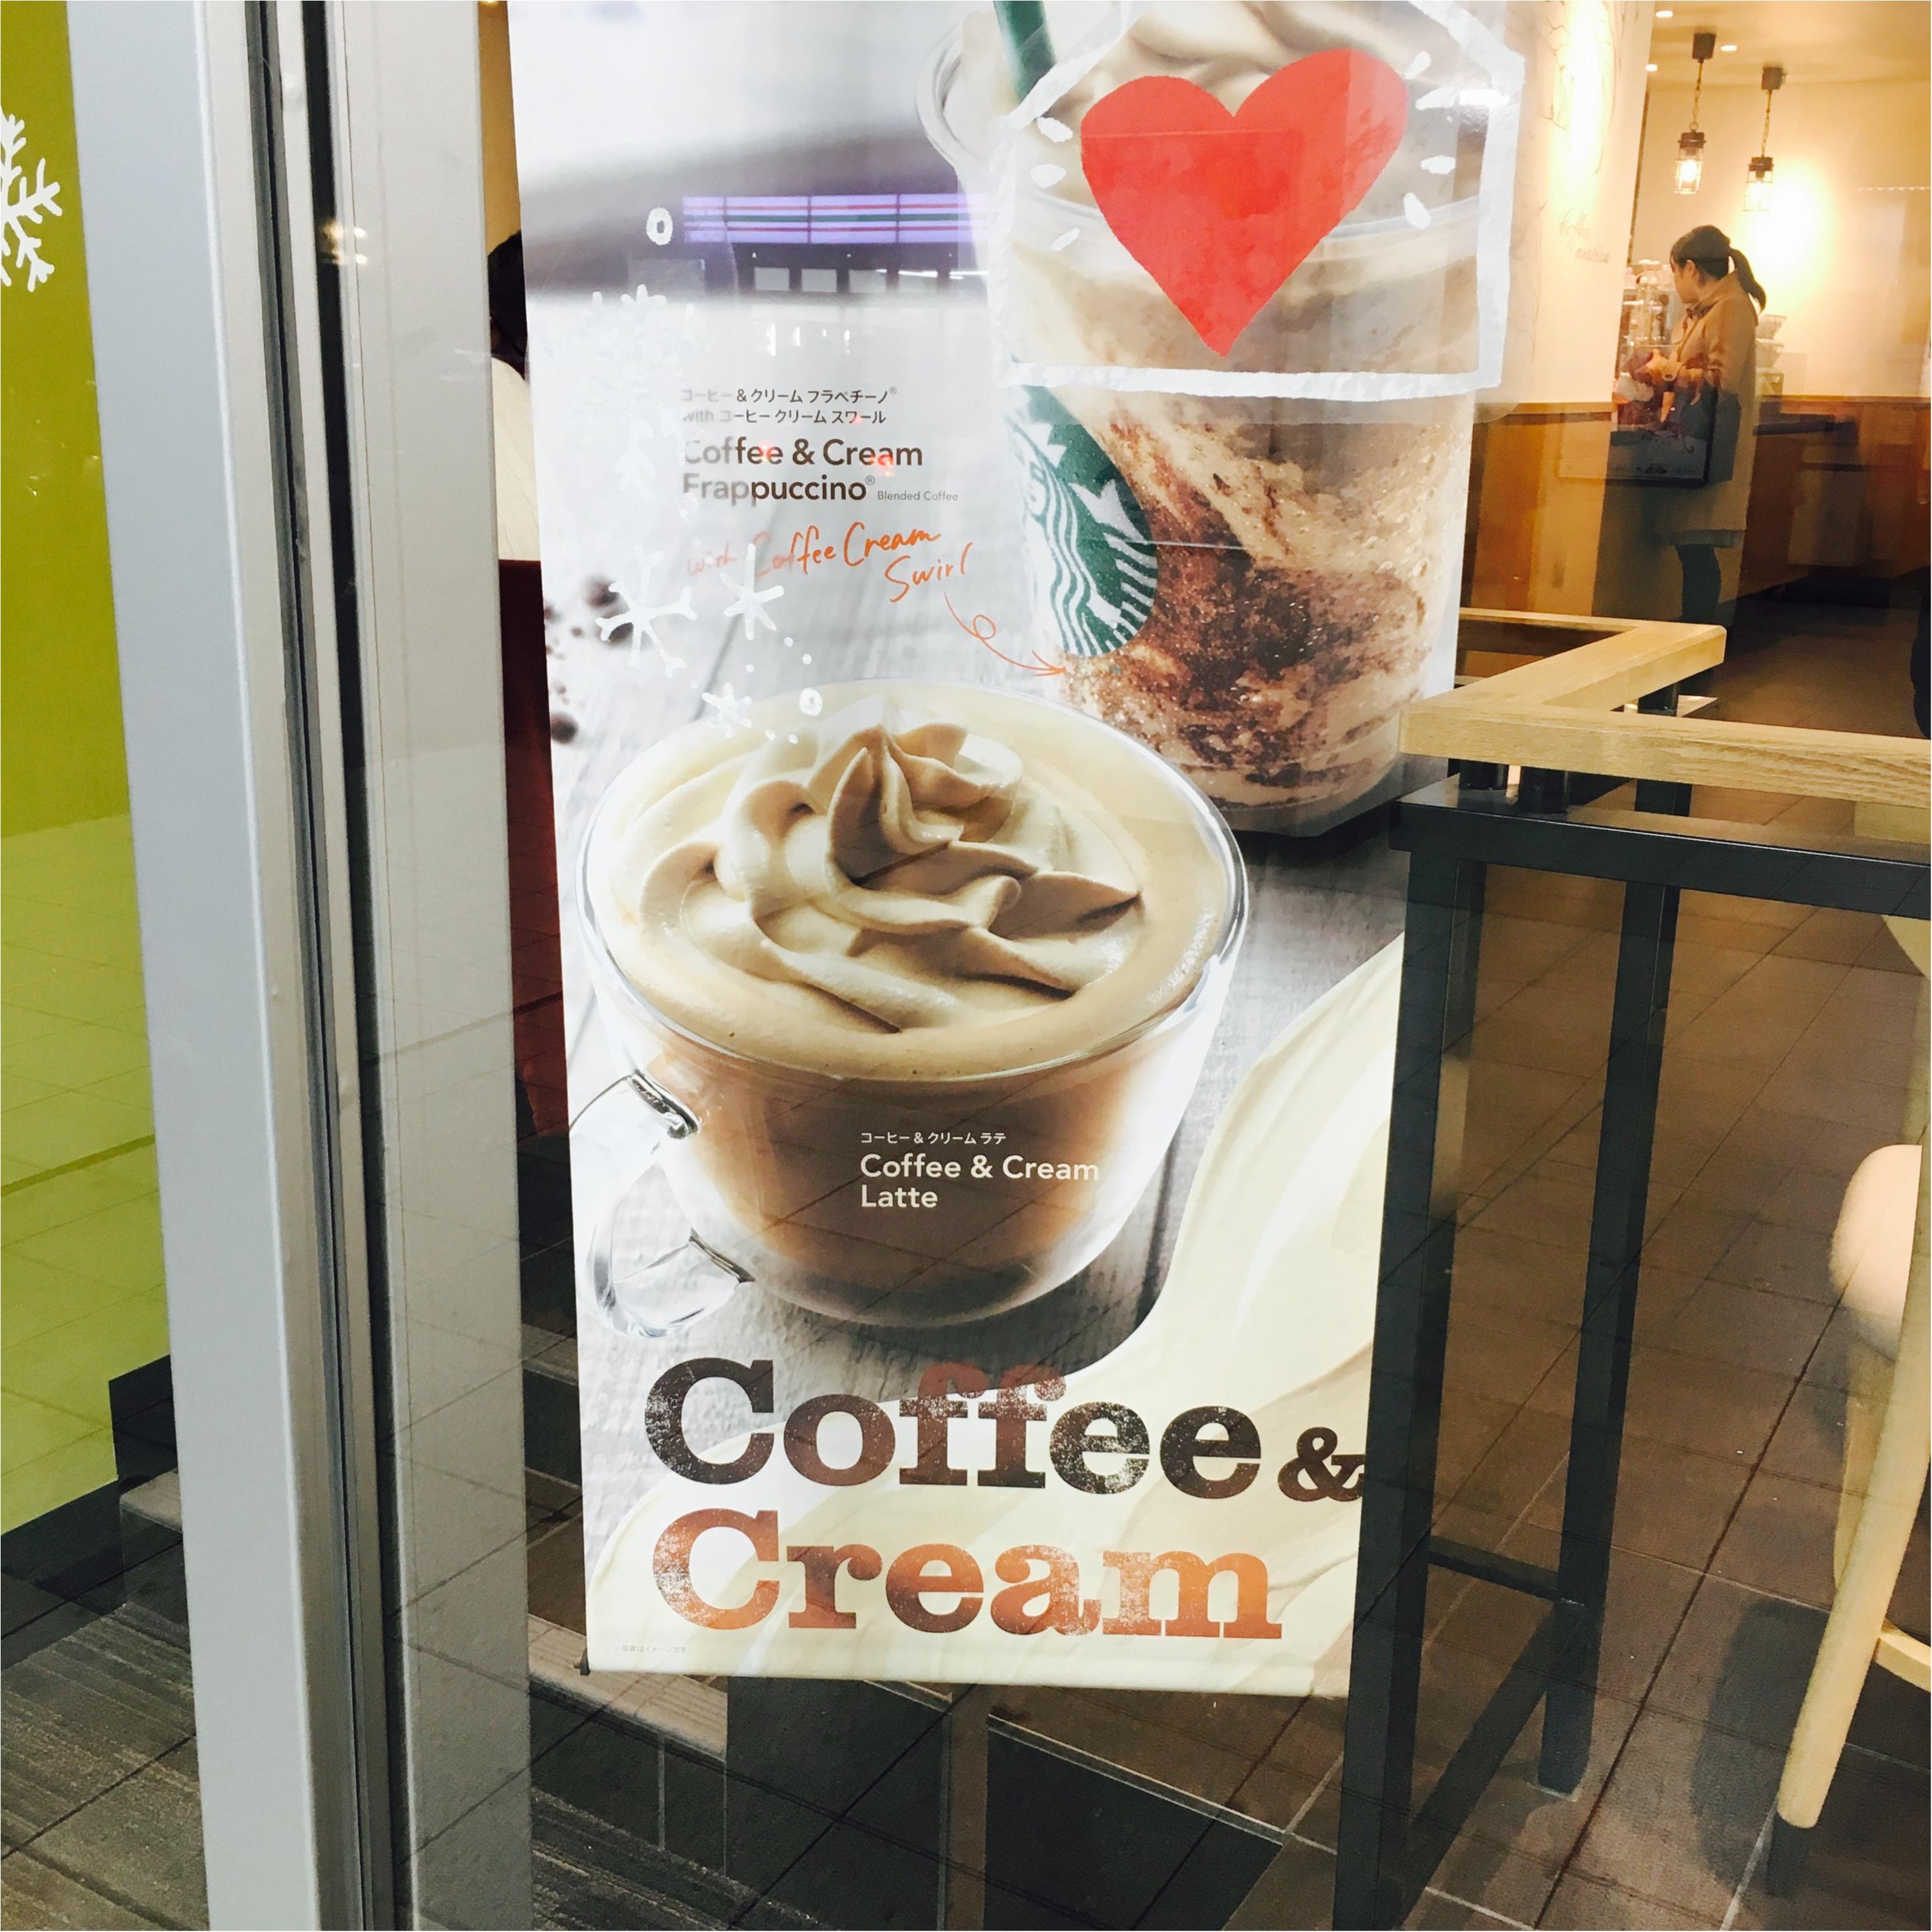 【スタバ】の新作≪コーヒークリームラテ≫が美味しい!コーヒー好きはたまらない!_1